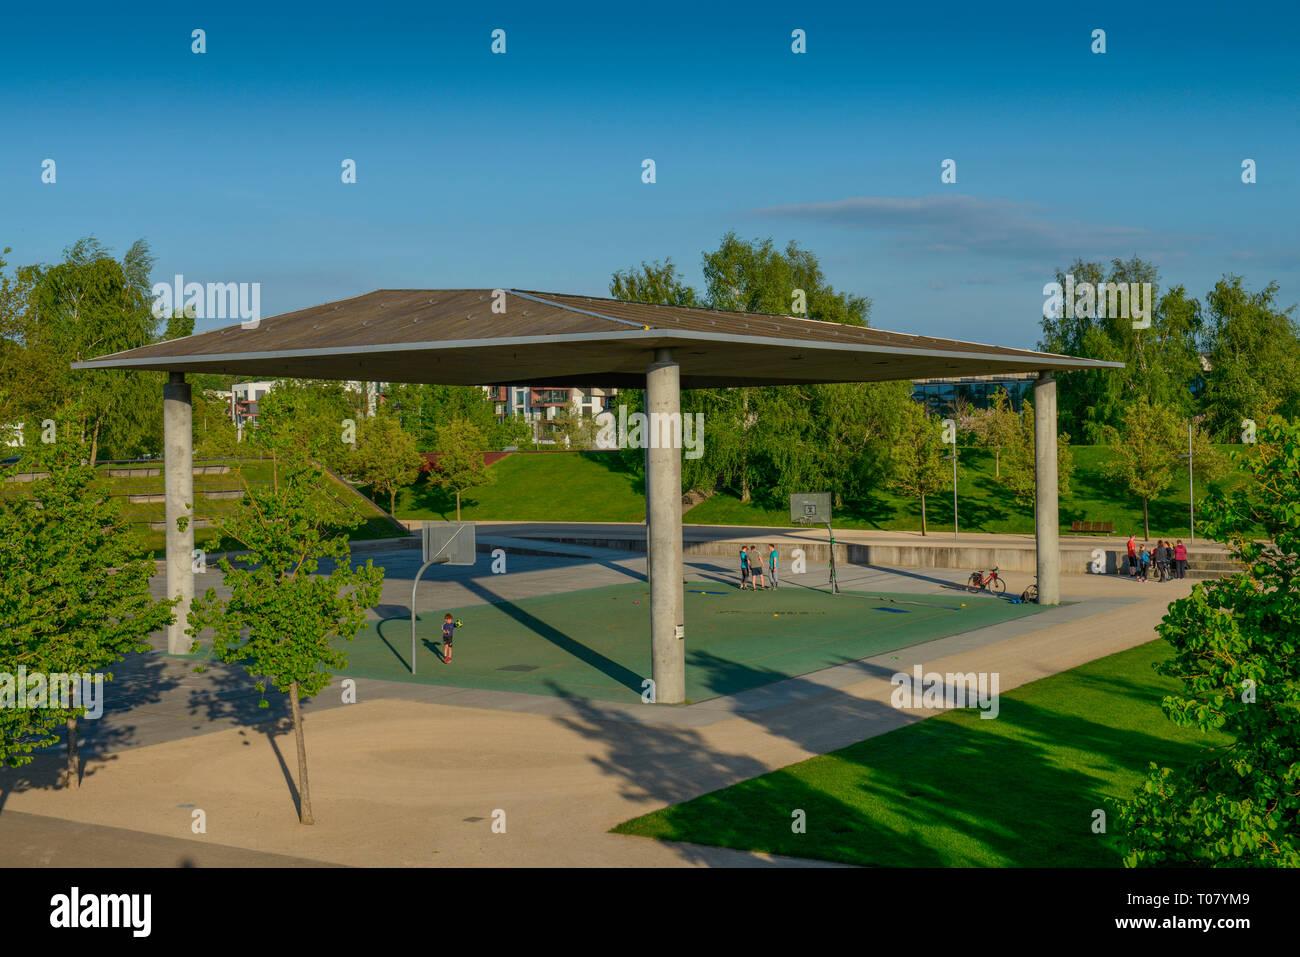 Sportanlage, Biosphaere, Volkspark, Pappelallee, Potsdam, Brandenburg, Deutschland - Stock Image